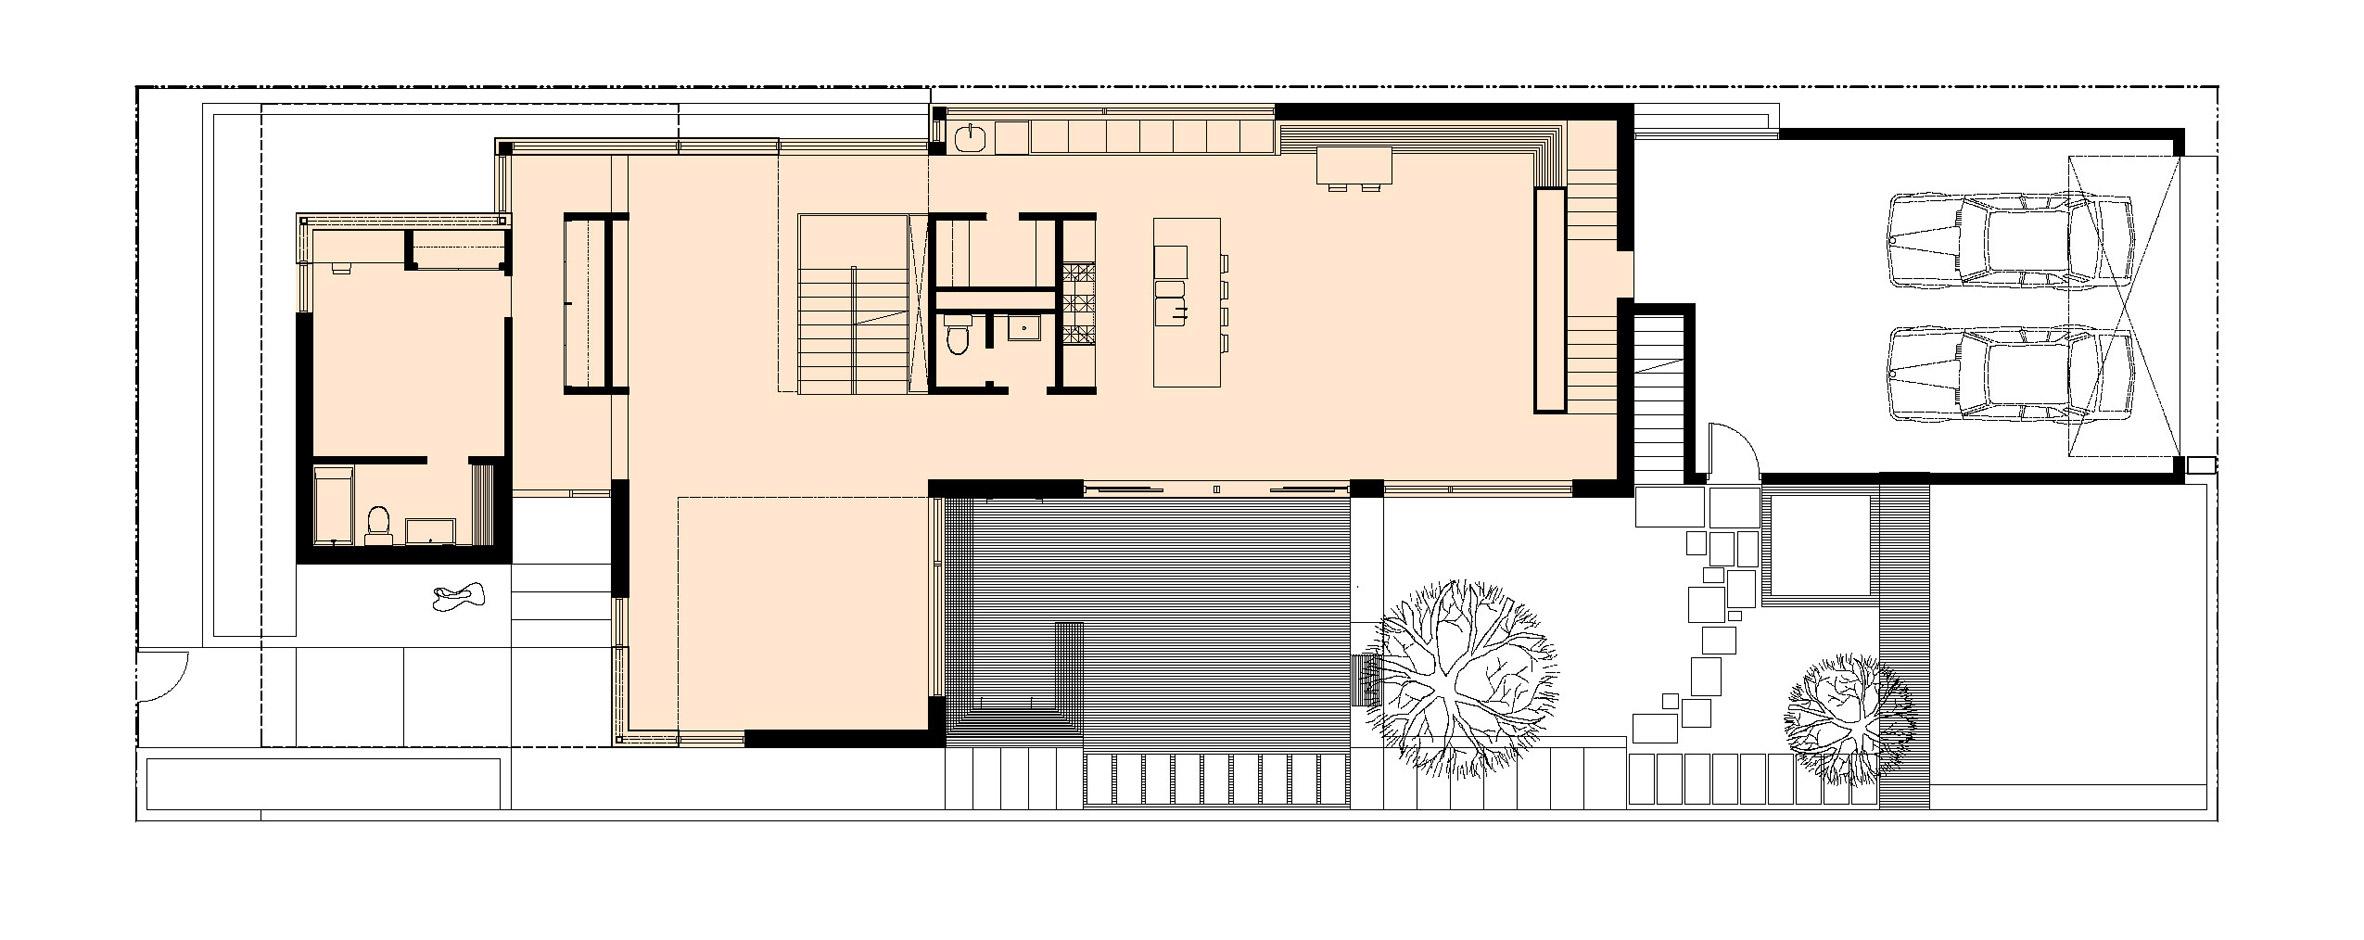 Phòng khách nhỏ đẹp hiện đại 9